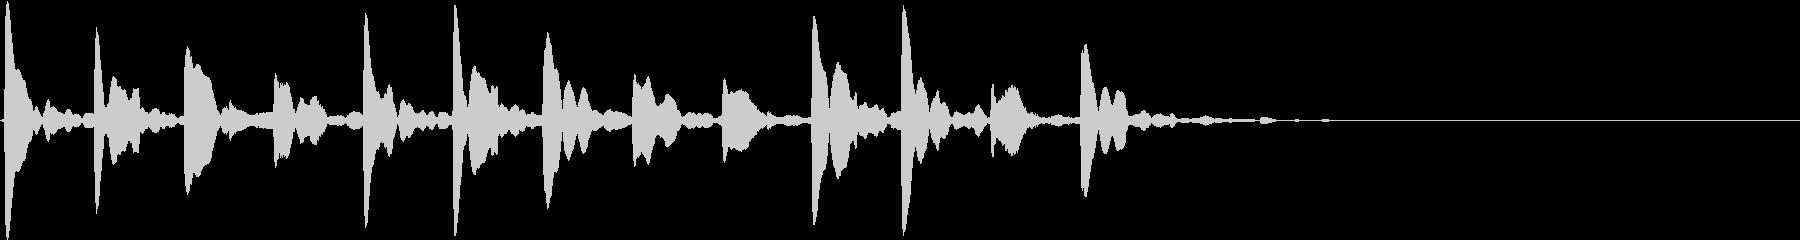 「考え中」「チクタクチクタク」的な電子音の未再生の波形